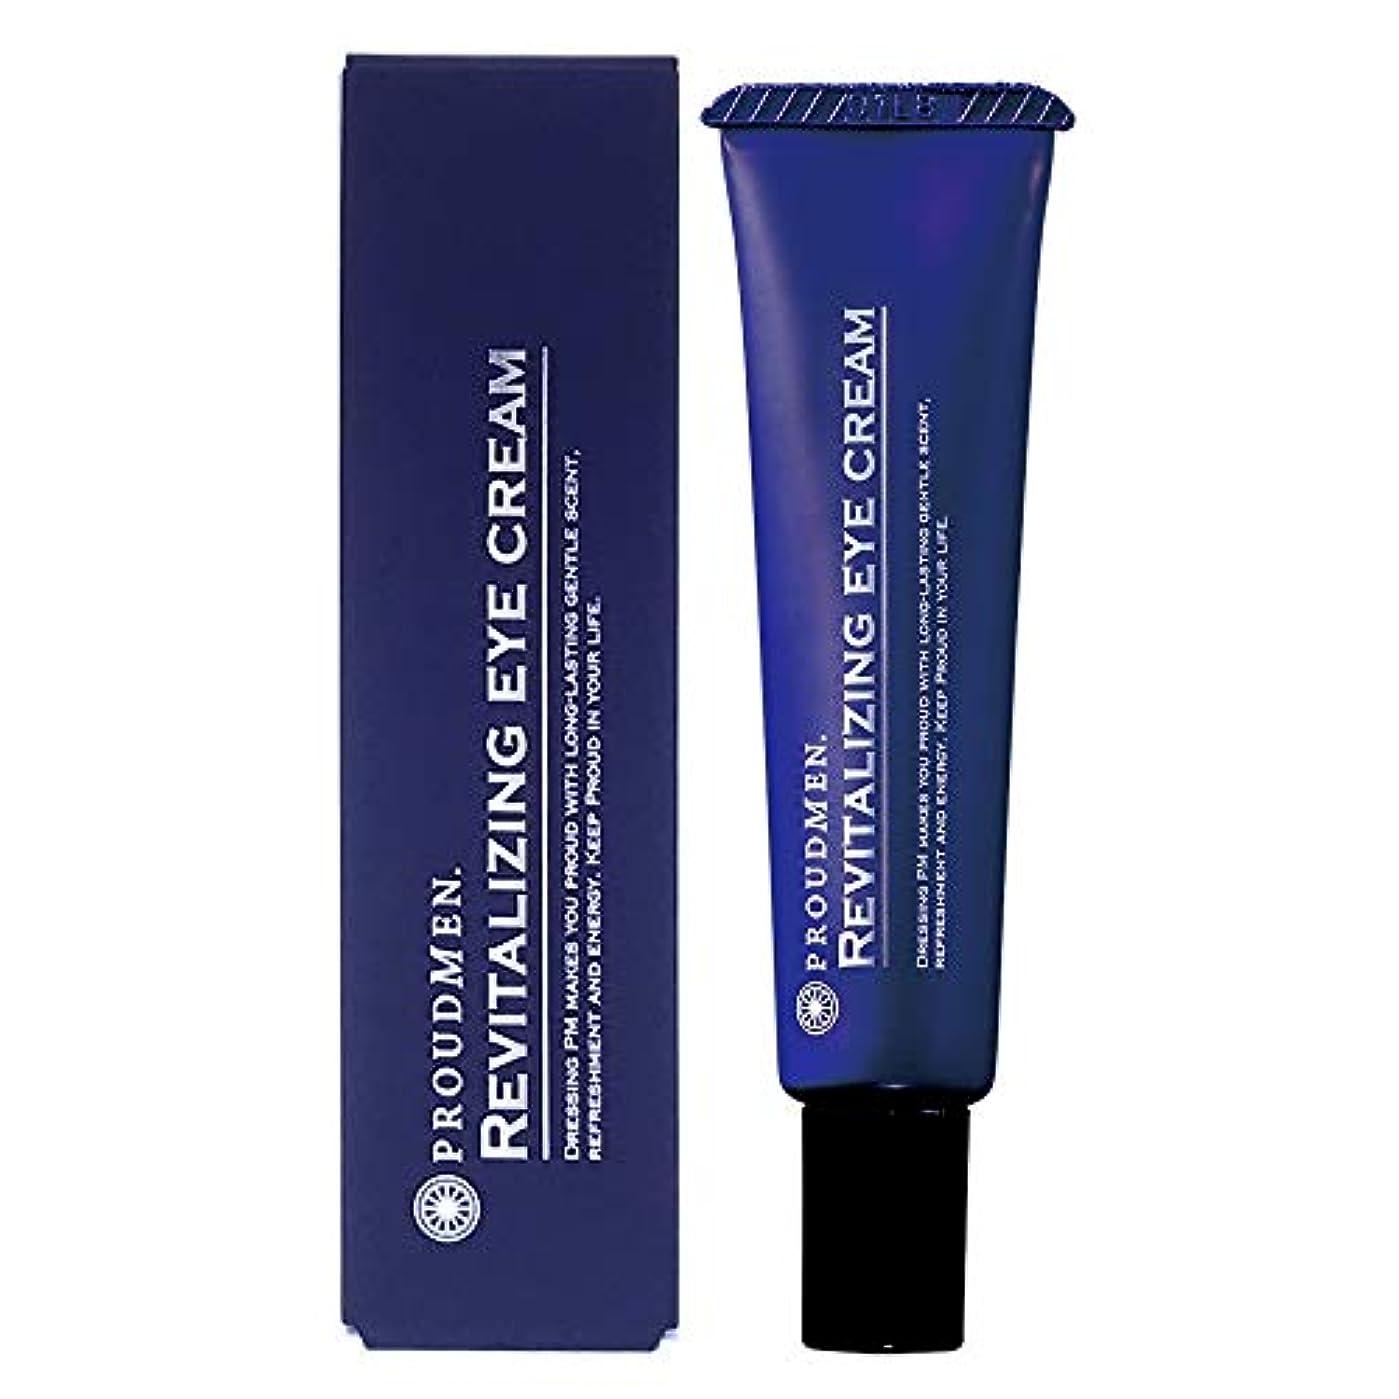 プラウドメン リバイタライジングアイクリーム 12g (グルーミング?シトラスの香り) 目元クリーム メンズコスメ 男性用化粧品